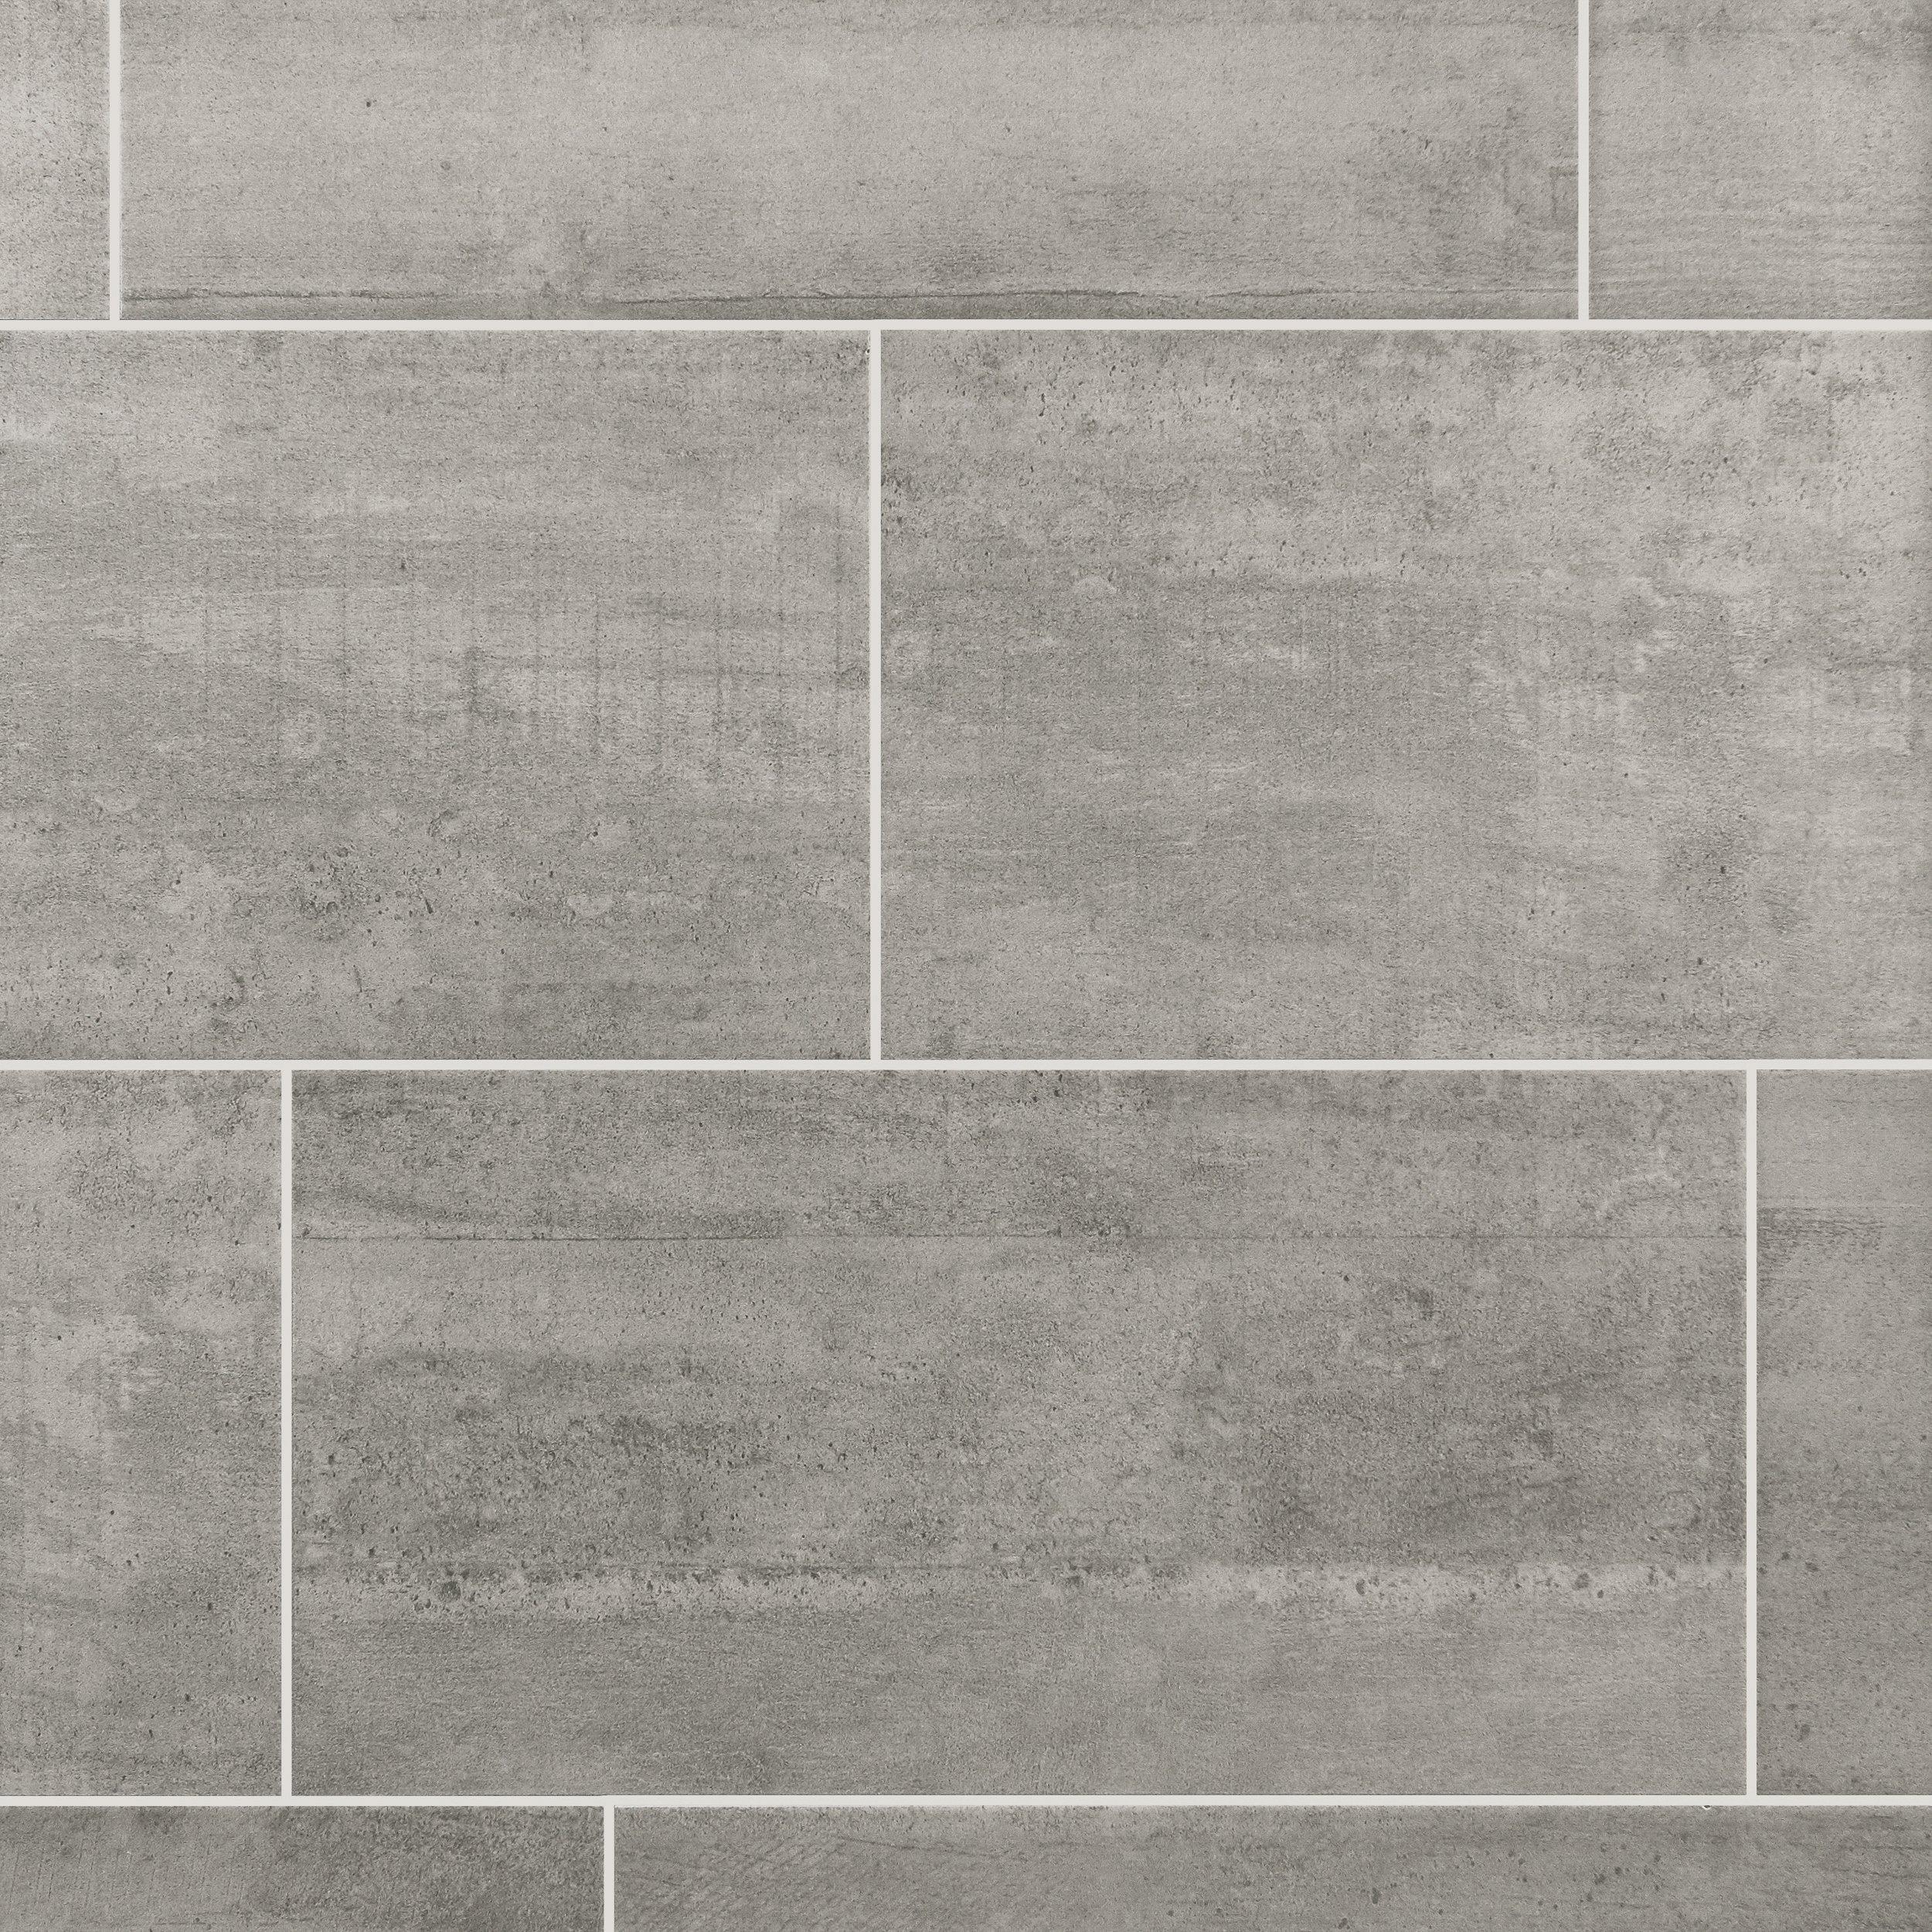 Tile bathroom floor decor - How to lay ceramic tile in bathroom ...